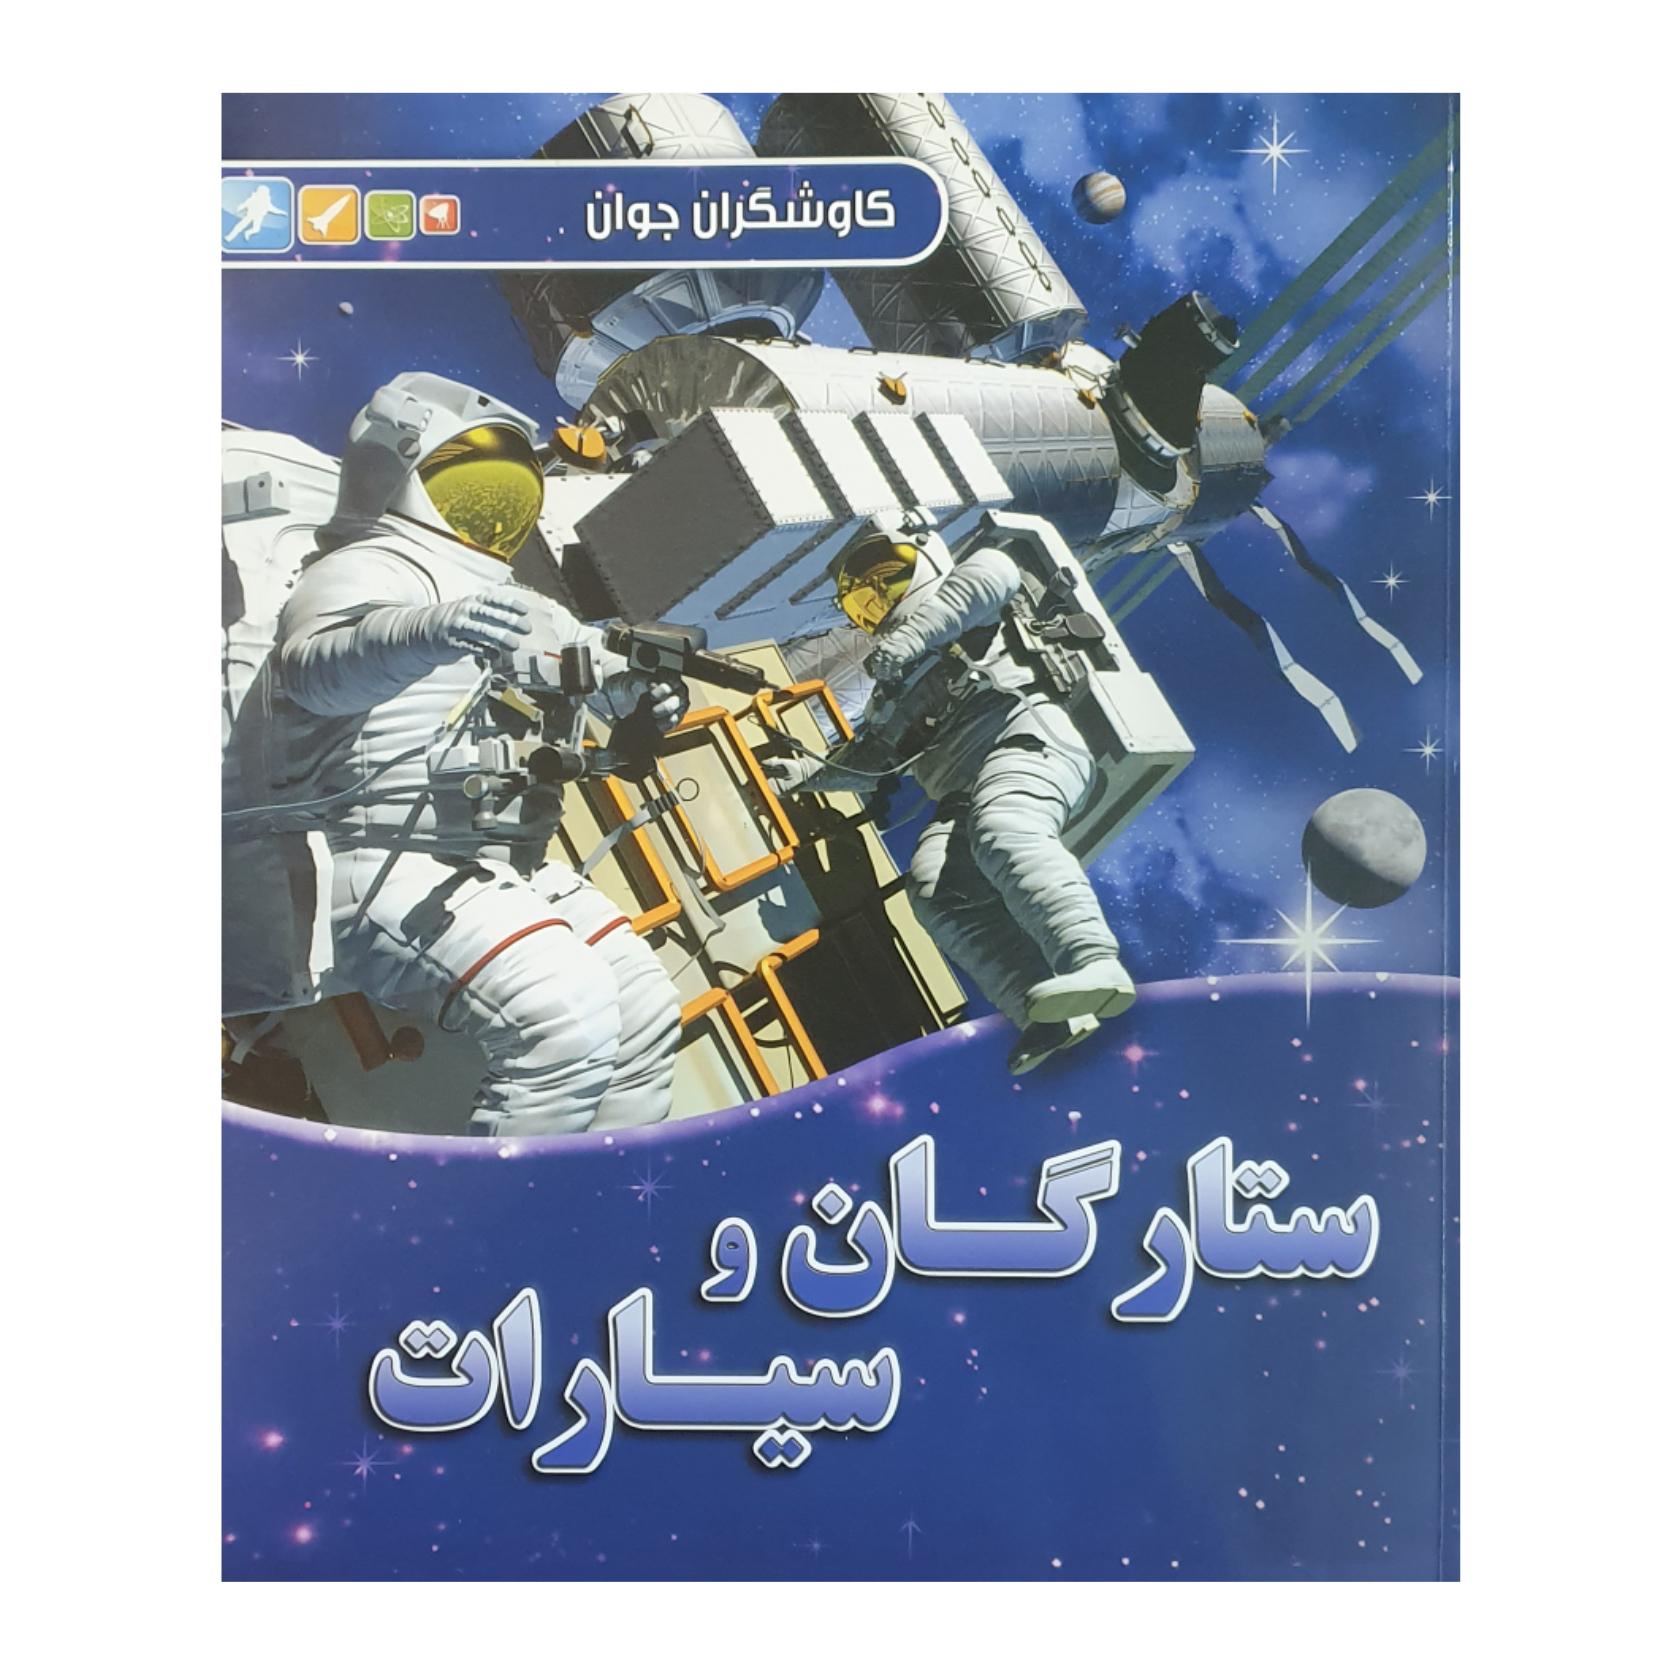 خرید                      کتاب ستارگان و سیارات اثر کارول استات نشر آبشن